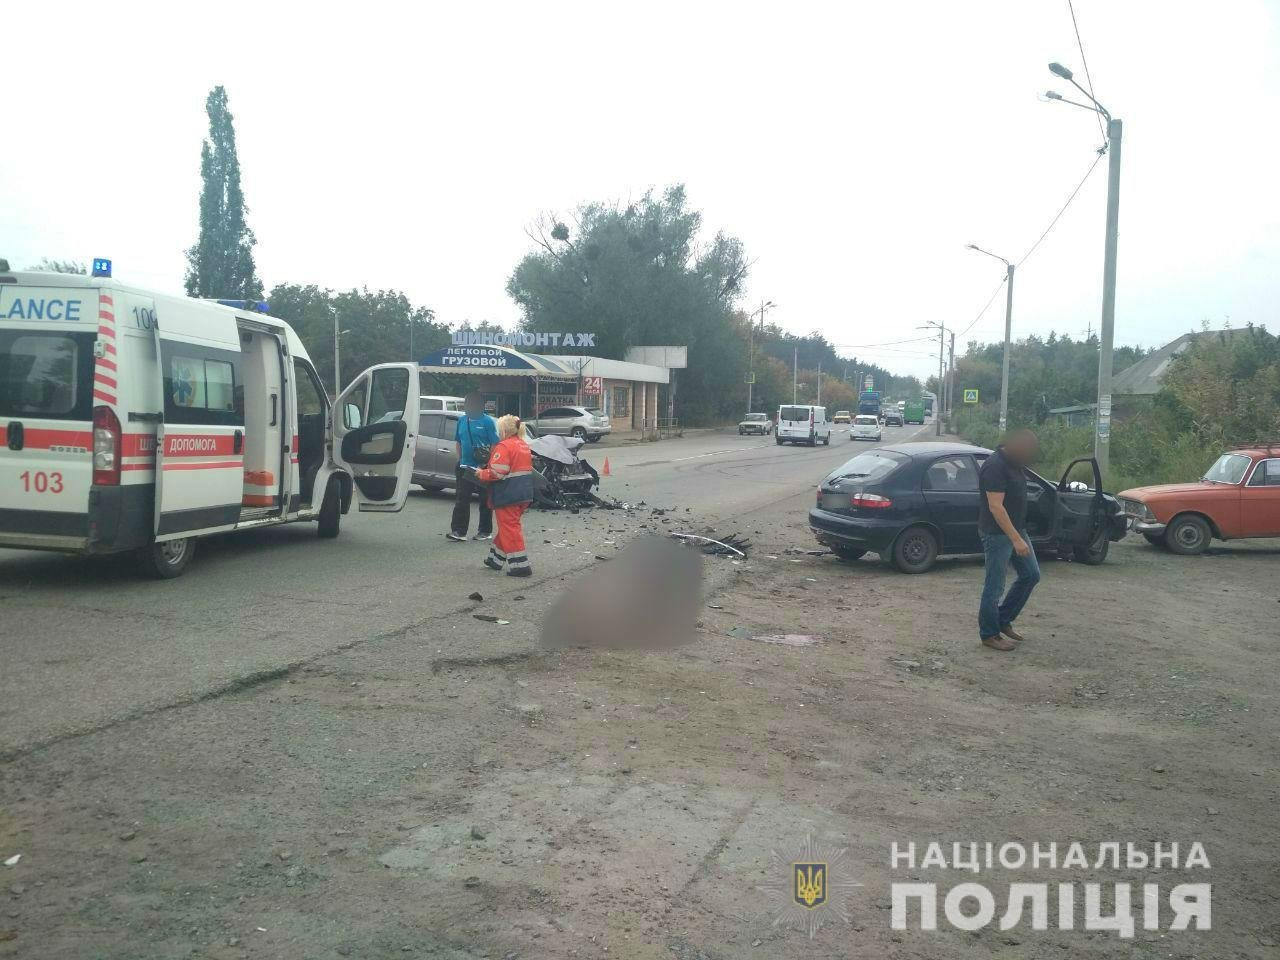 Участниками аварии стали автомобили «Daewoo Lanos» и «Renault», за рулем которого был 44-летний харьковчанин. На месте ДТП погибли 80-летний водитель и 79-летняя пассажирка «Daewoo Lanos».